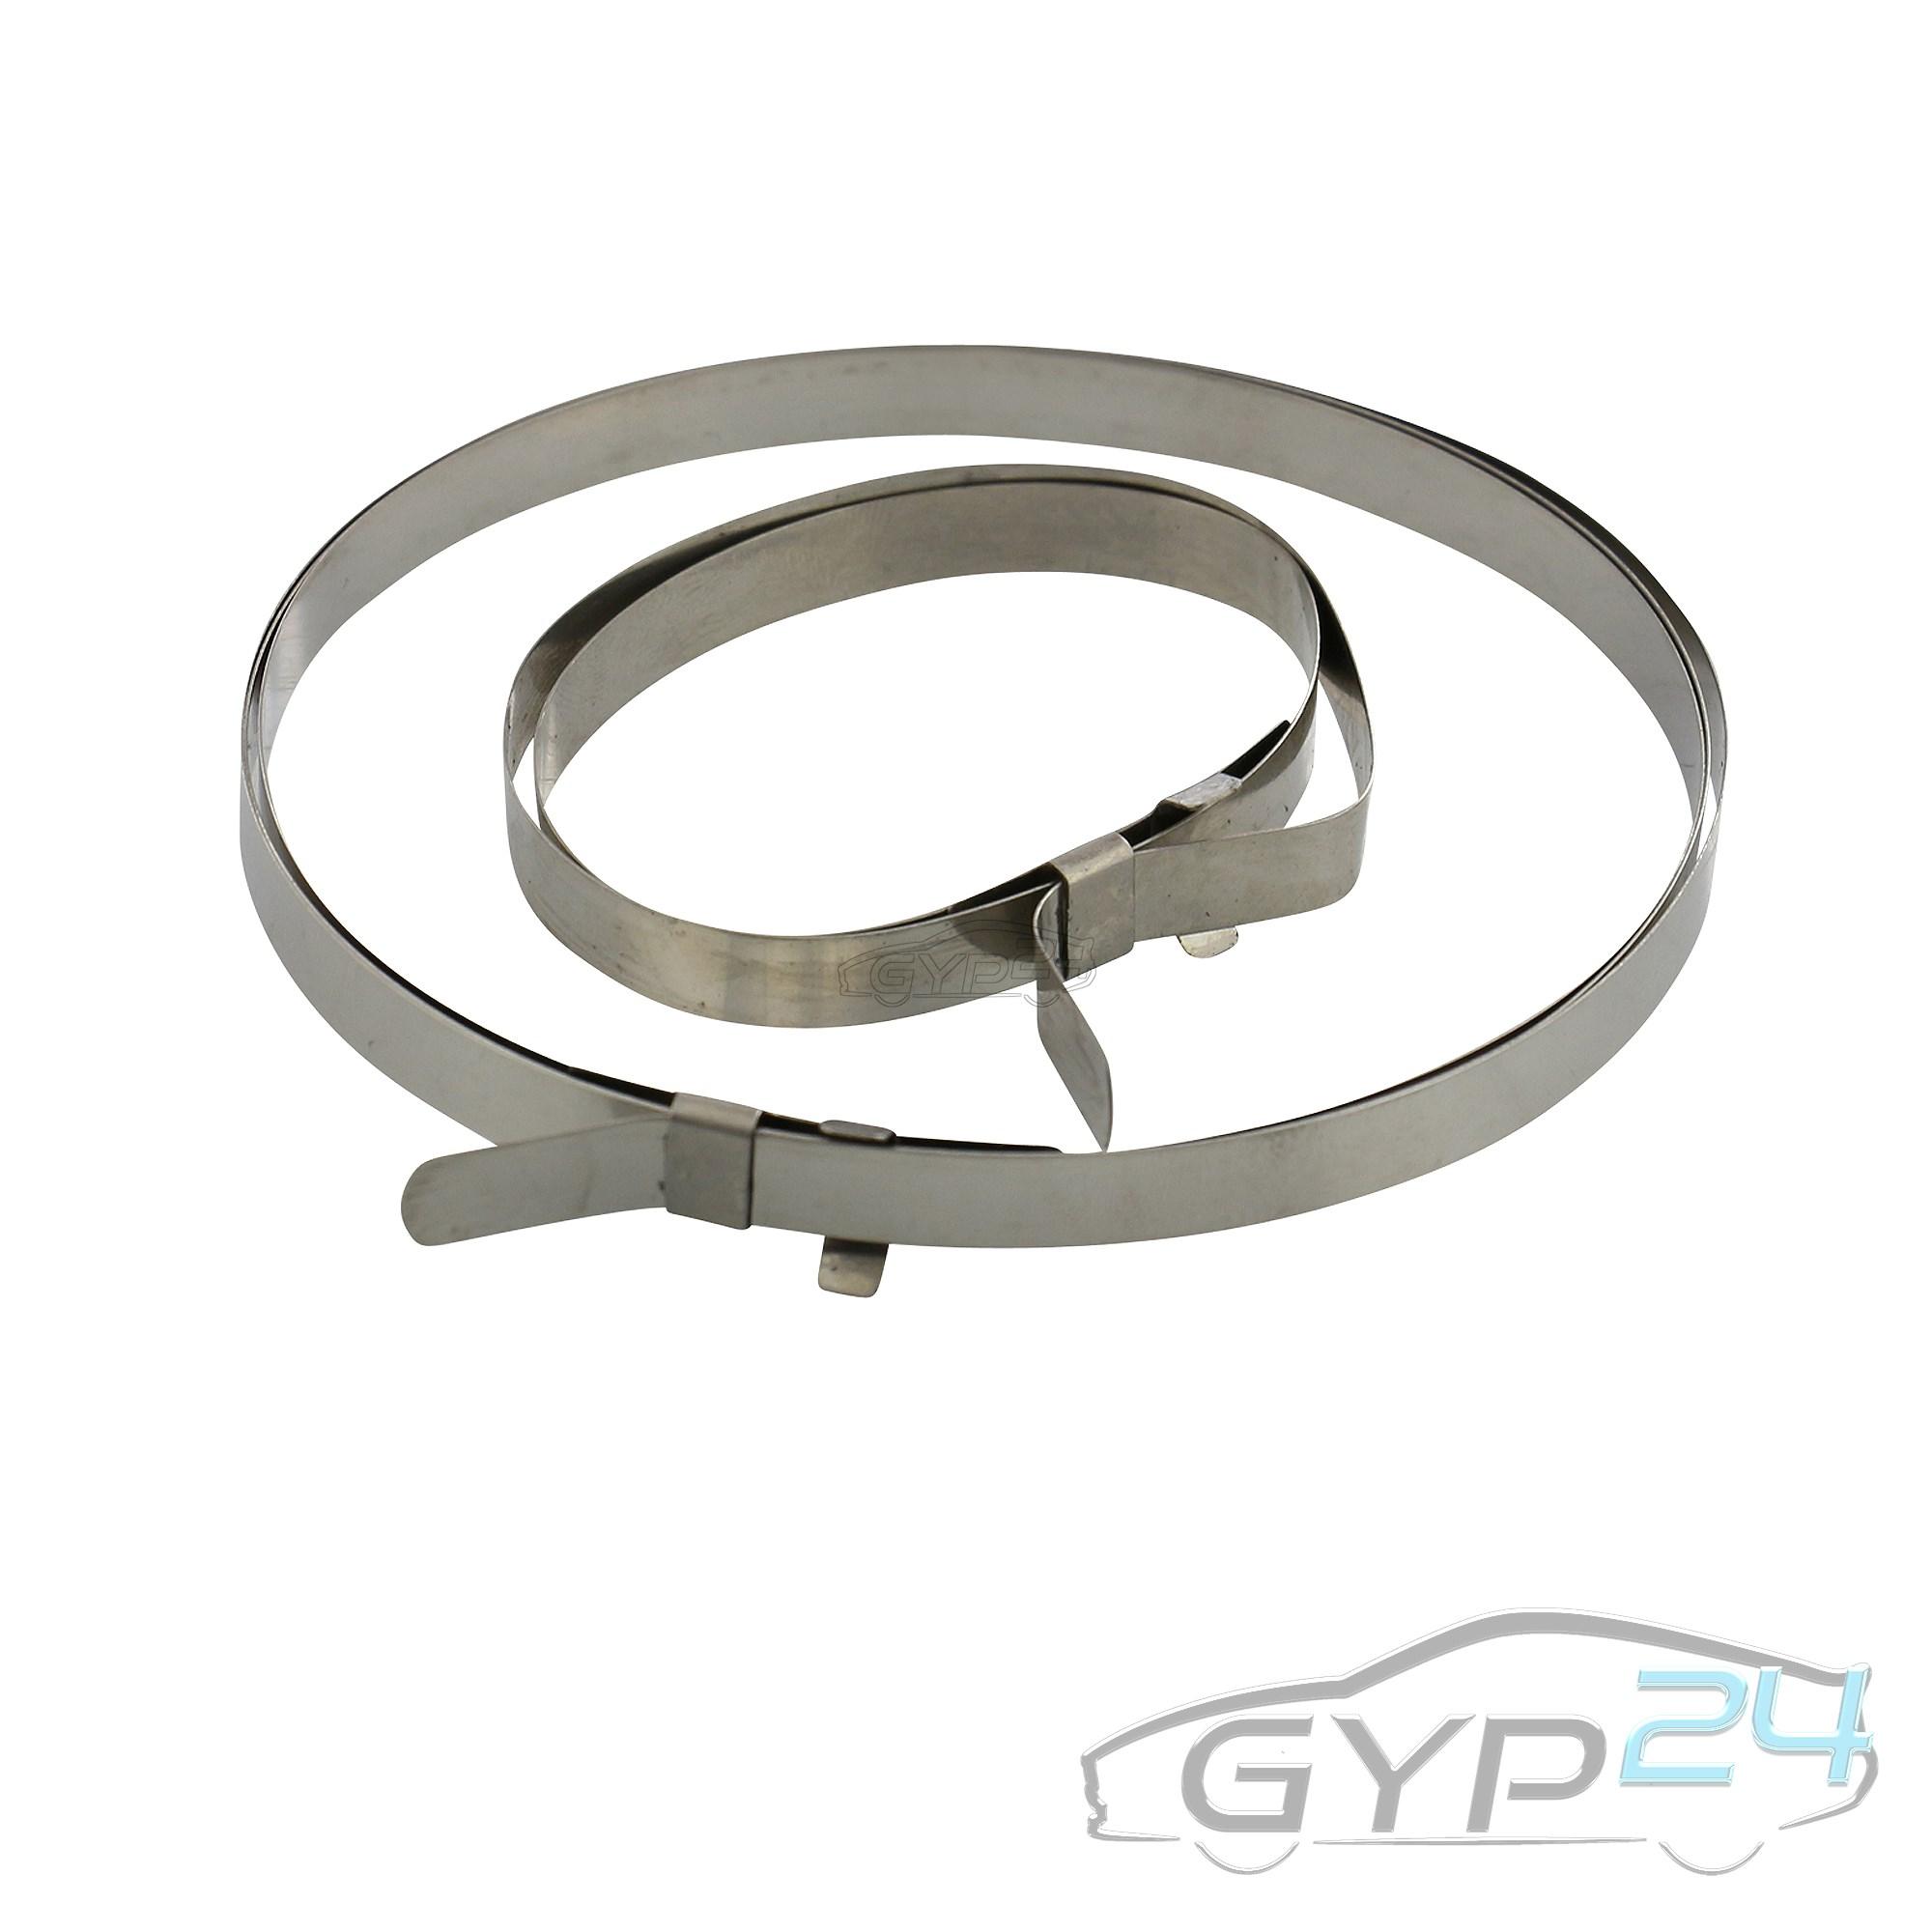 Articulacion-de-las-articulaciones-conjunto-de-propulsion-eje-de-transmision-ondas-articular-con-ABS miniatura 2